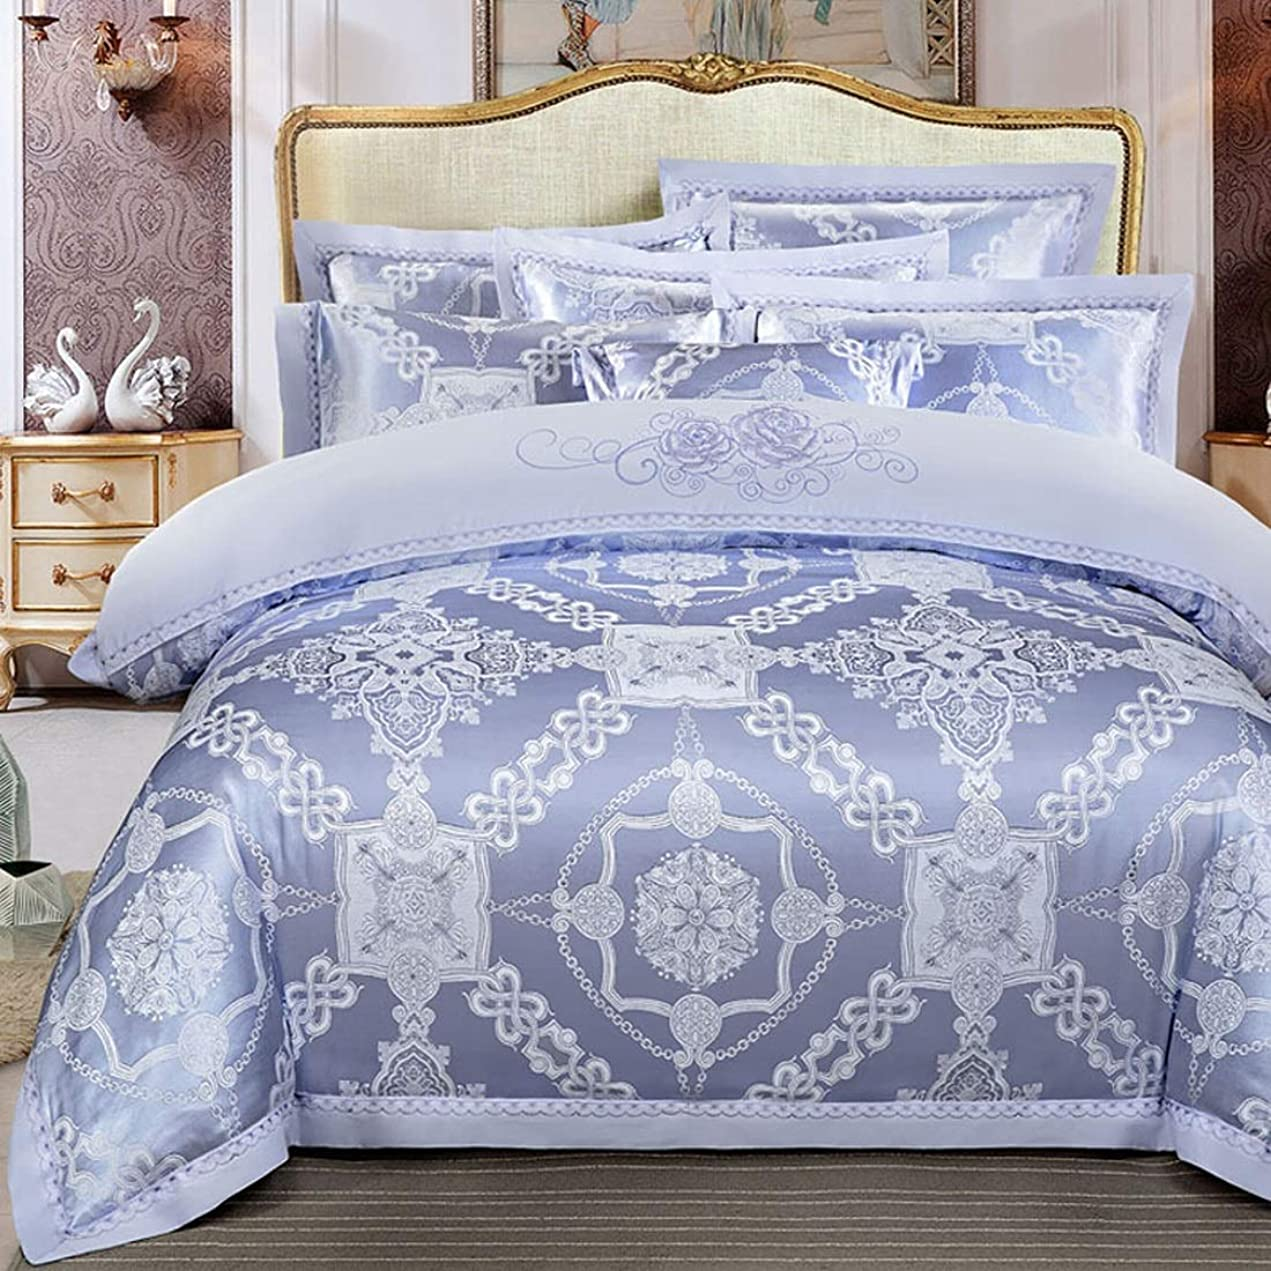 リクルートくるみ緊急Kainuoo シンプルなコットンサテンジャカードピュアコットン寝具4セット (Color : Blue, Size : King)